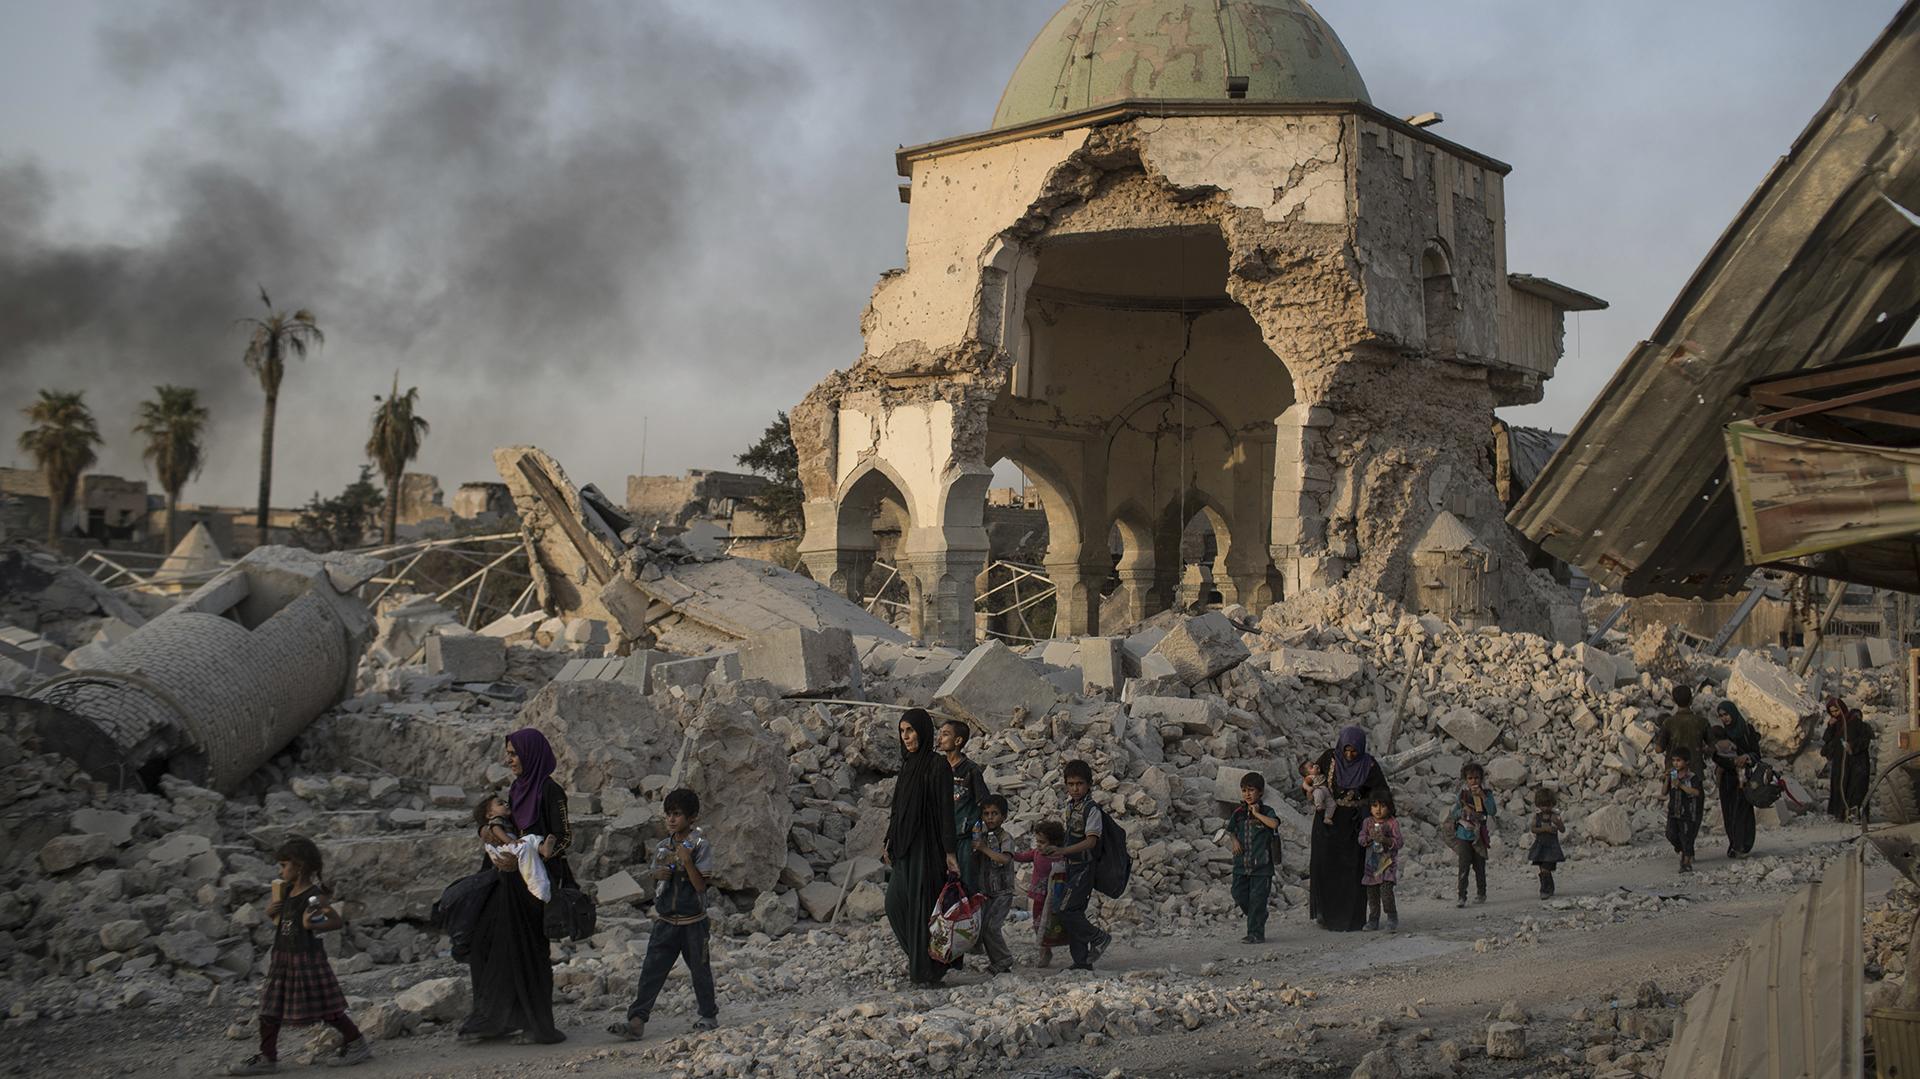 Se estima que 2,5 millones de personasfueron desplazadas y que 138.000 casas fueron destruidos (AP)